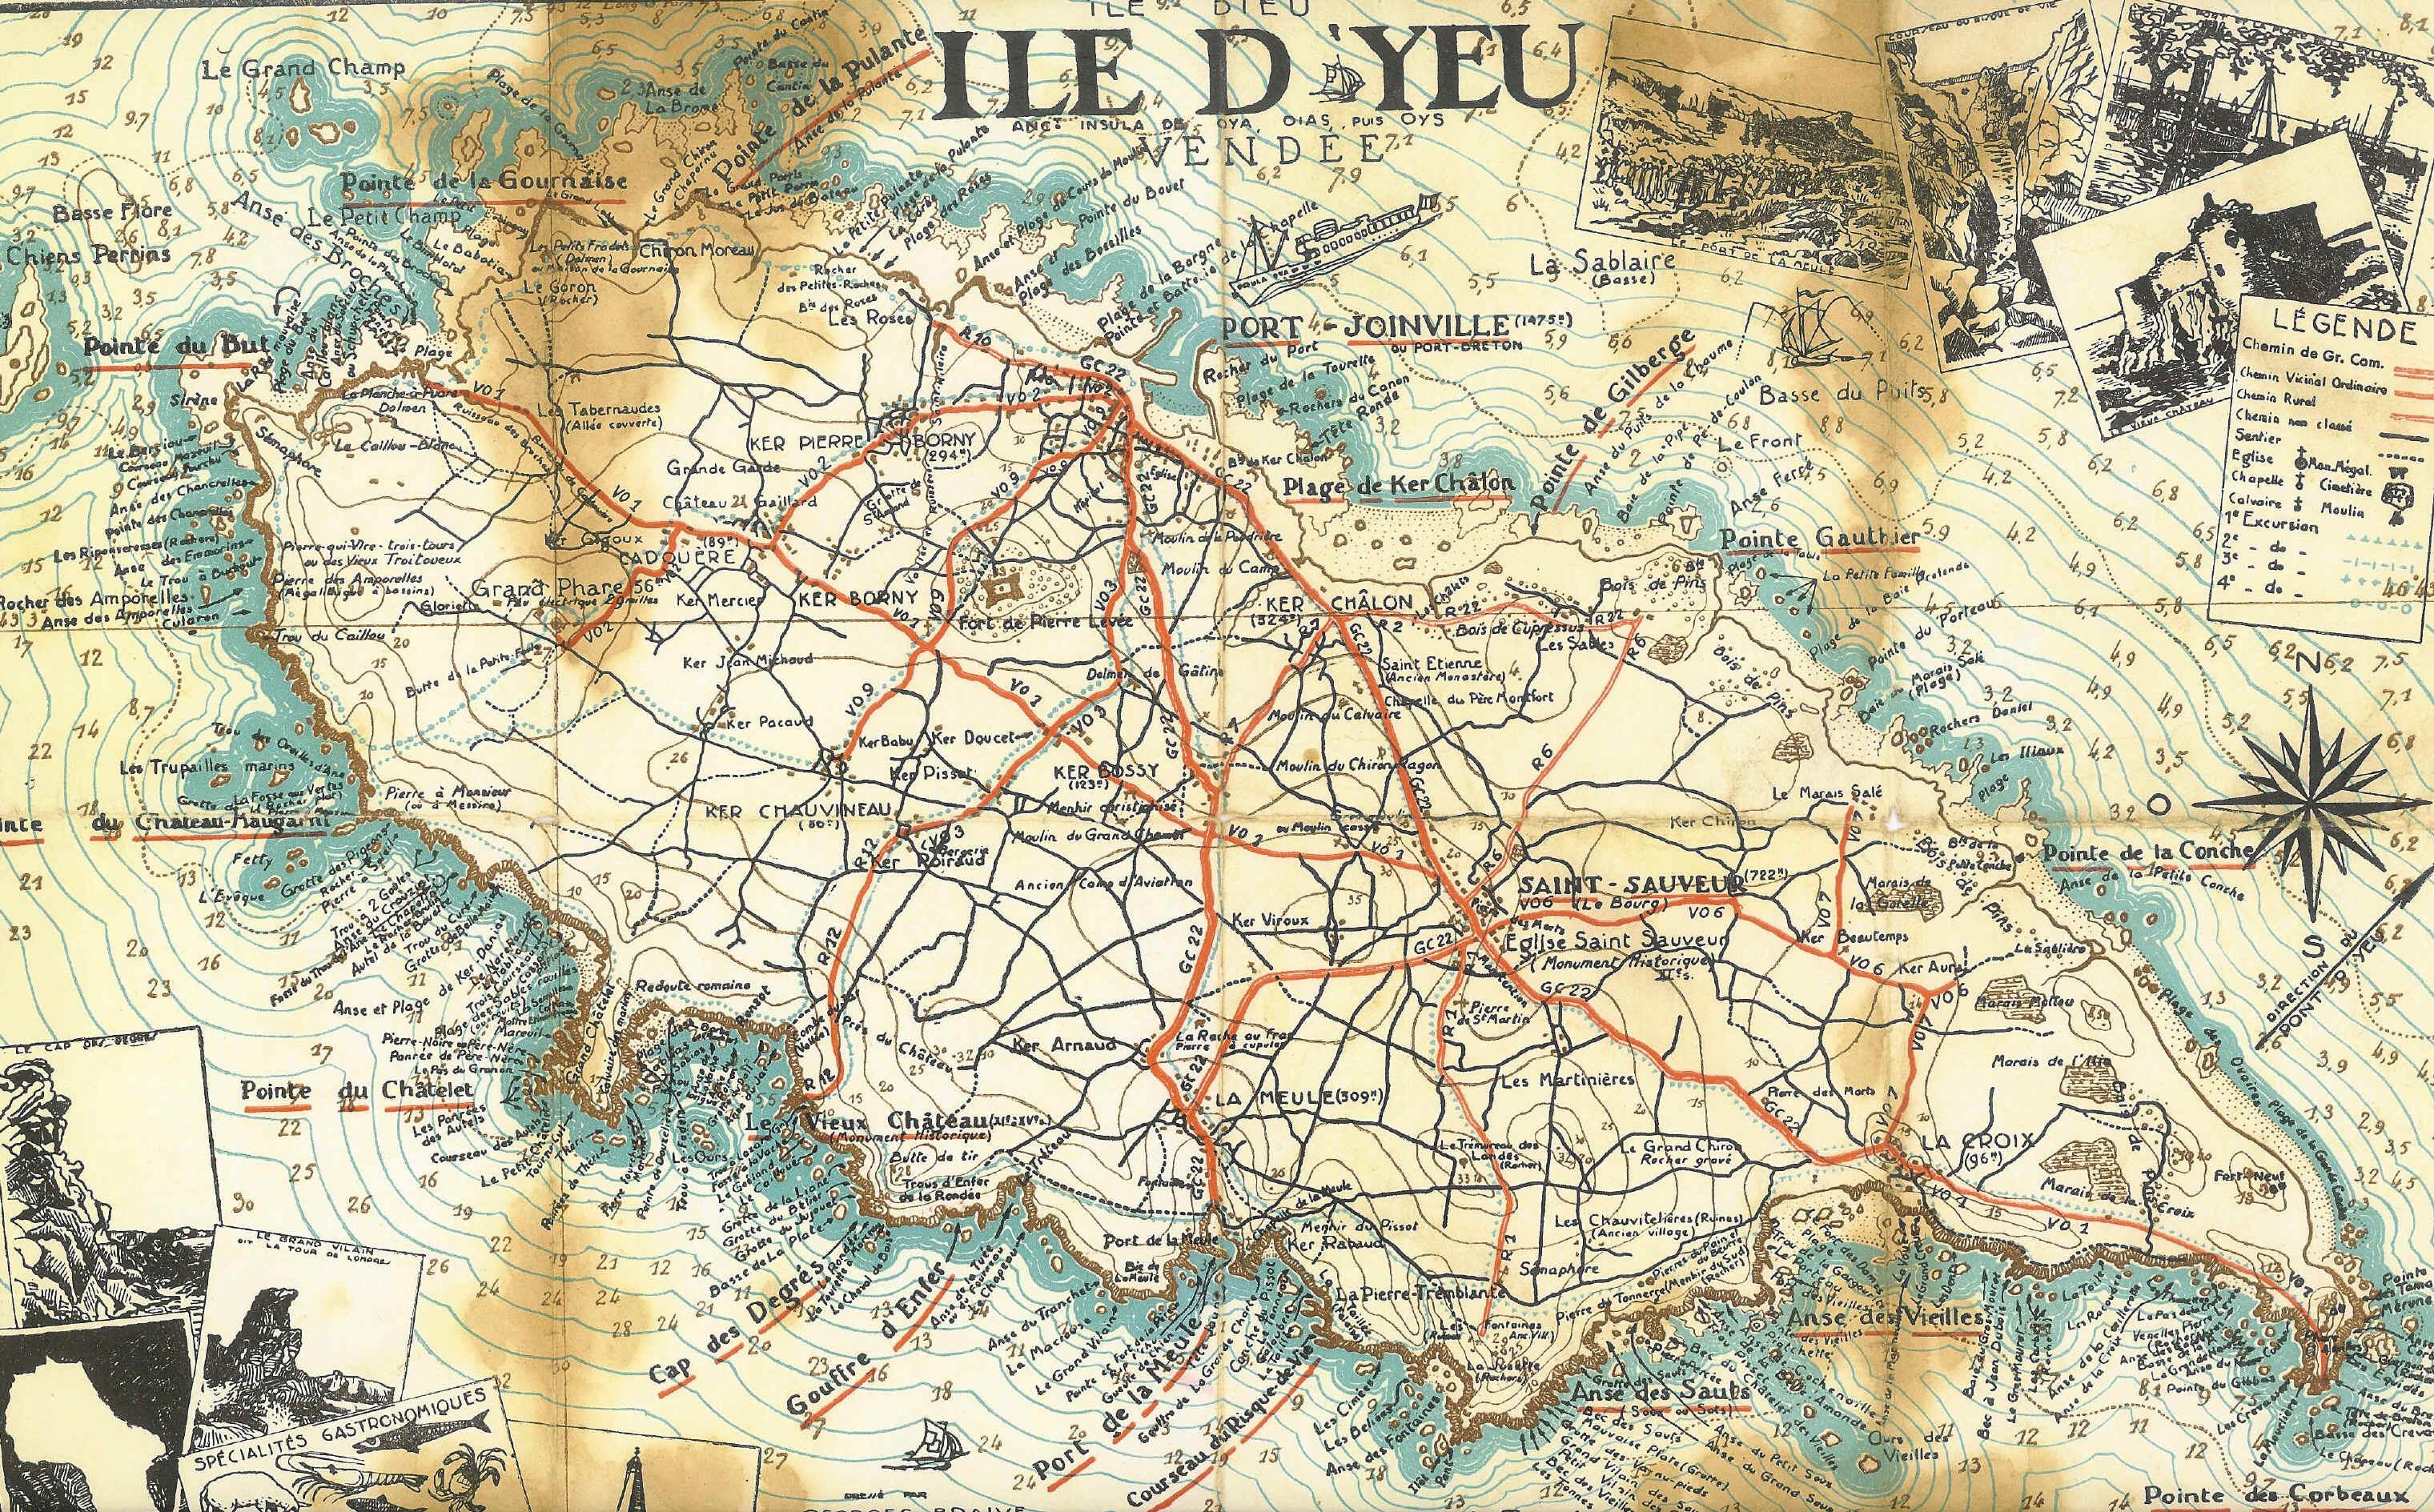 Histoire du vieux ch teau de l 39 le d 39 yeu invitation pour balade d couverte et histoire c - Office notarial ile d yeu ...